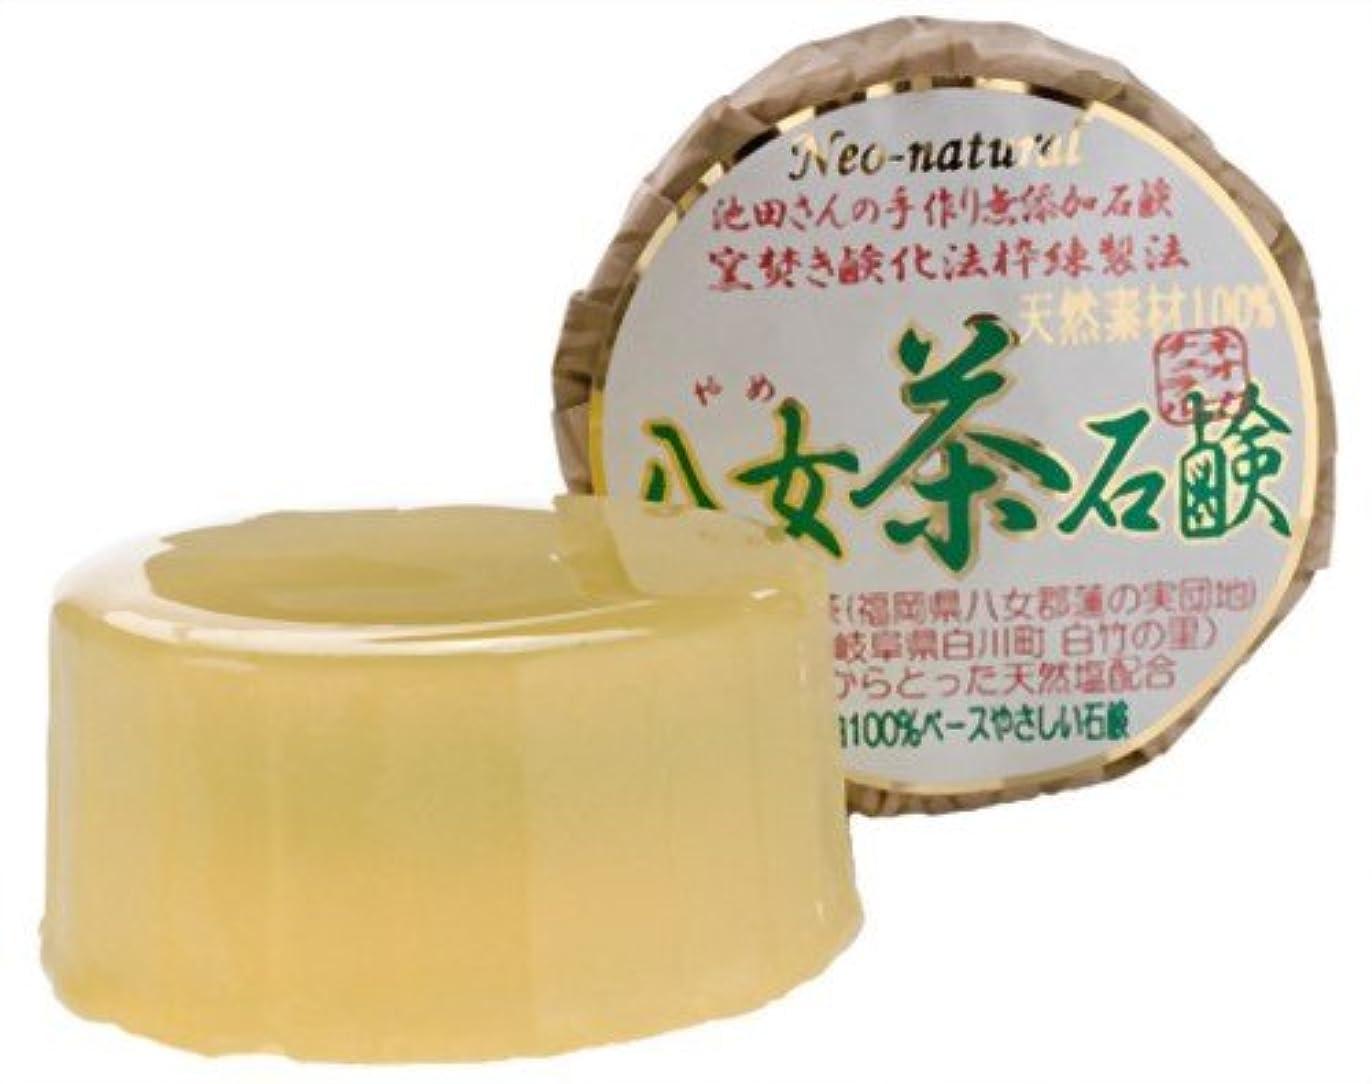 苦悩エイズ羊飼いネオナチュラル 池田さんの八女茶石鹸 80g